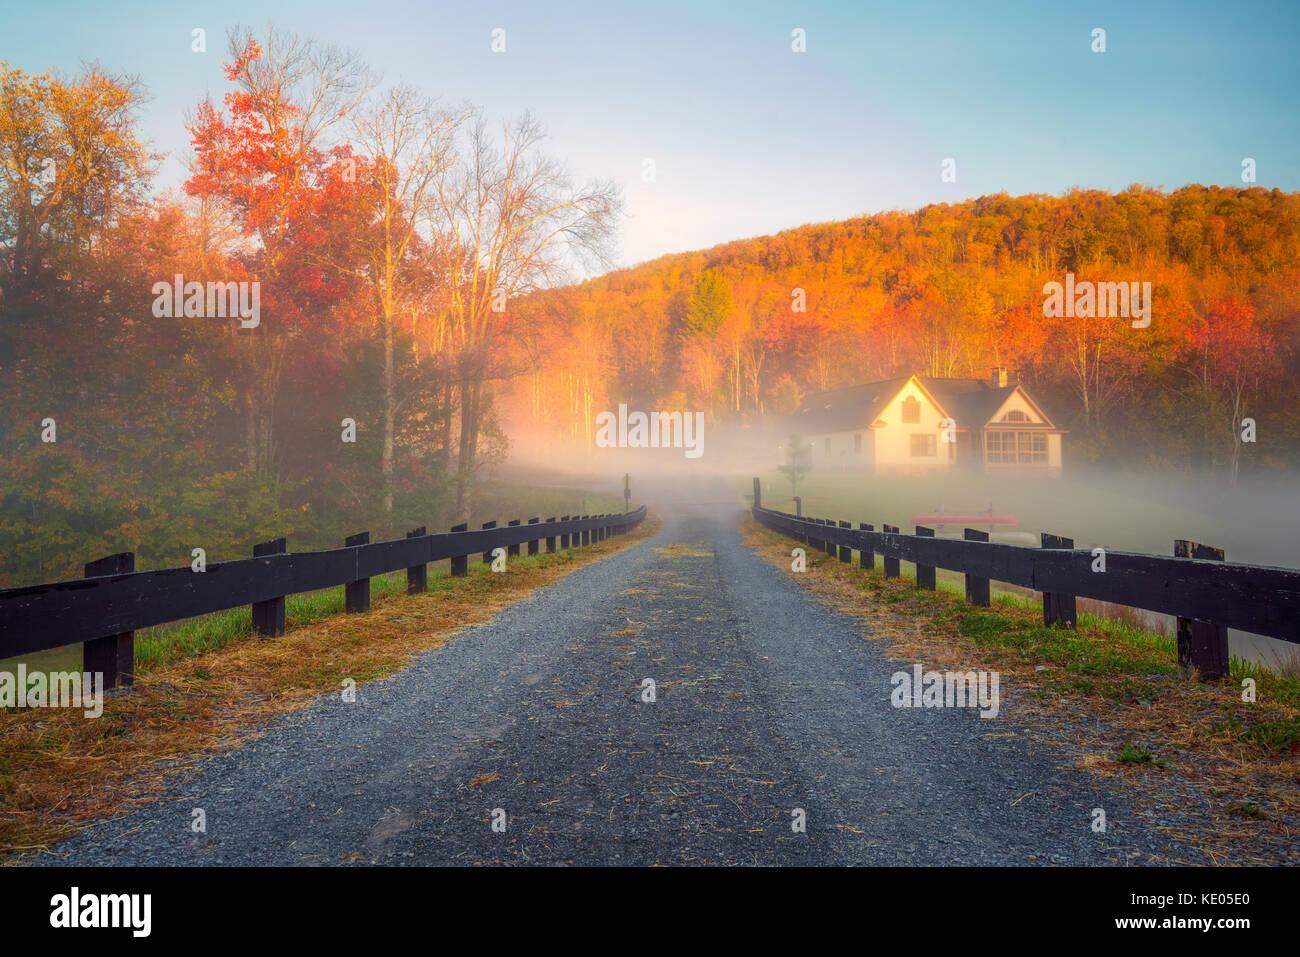 Una lunga, recinto-rivestita lane sfocia in un banco di nebbia con sole incandescente fogliame di autunno in background. Foto Stock